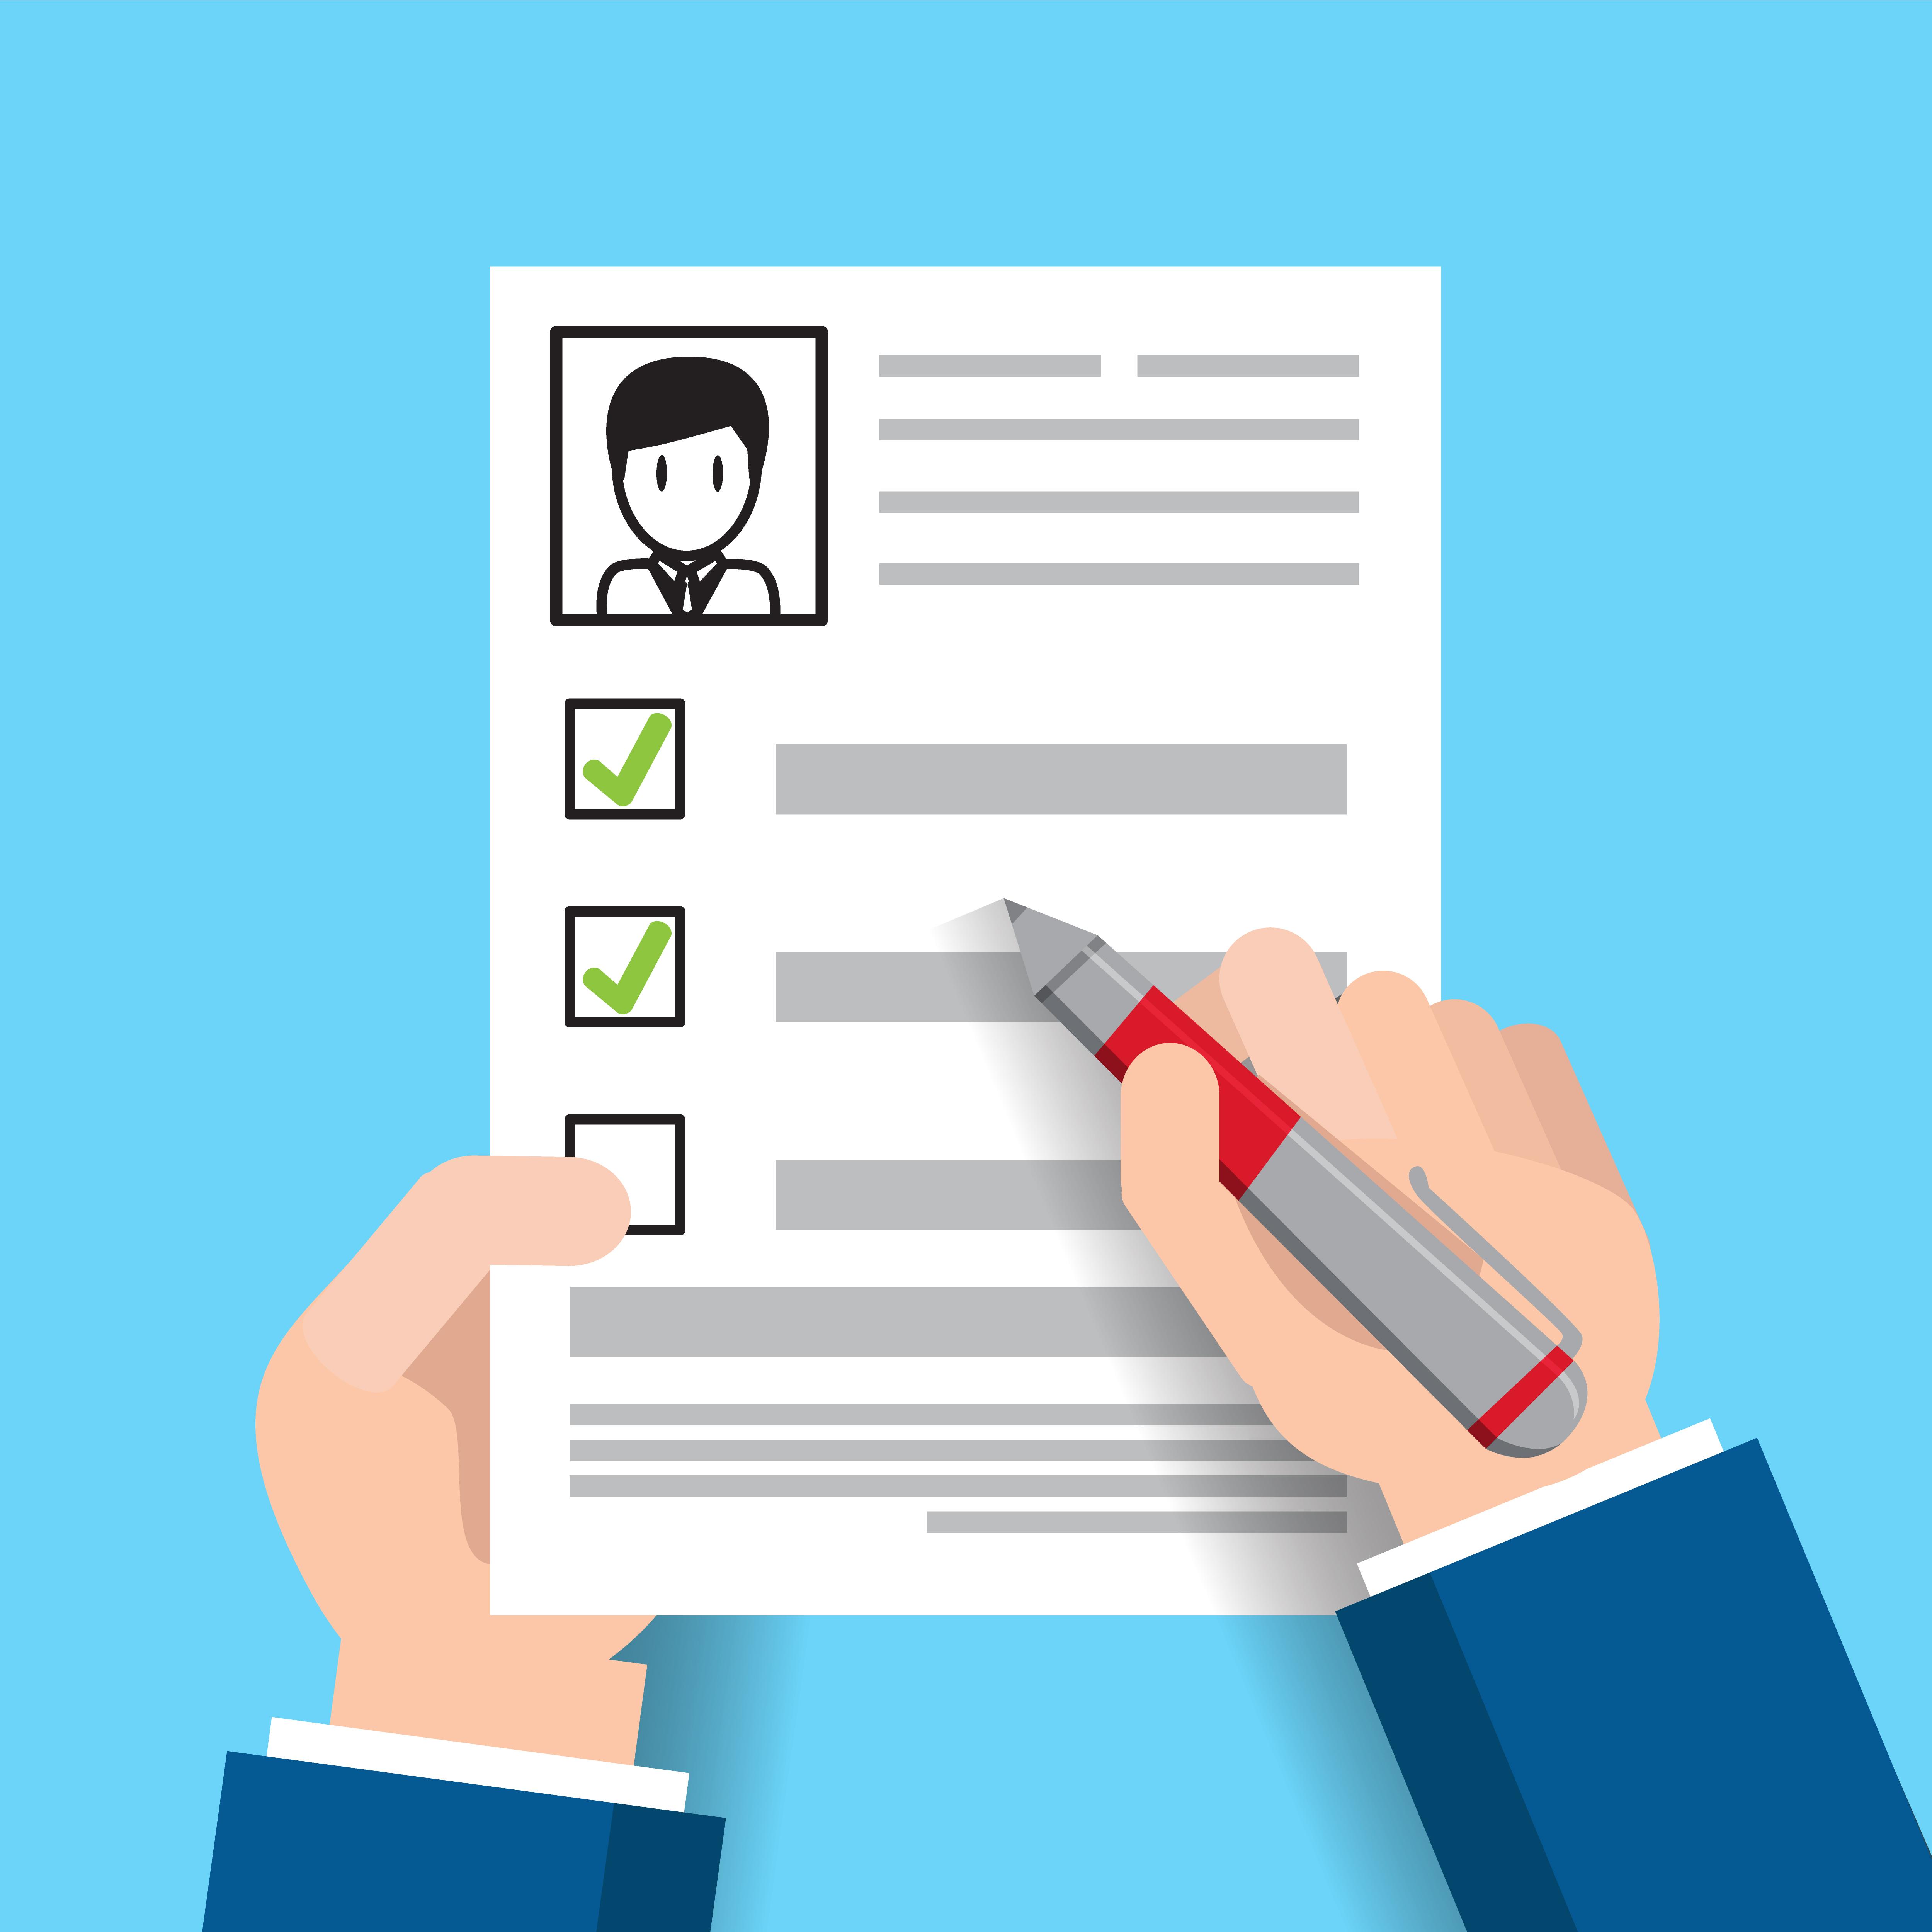 على المتقدم بطلب التوظيف التمتع بالحد الأدنى من المؤهلات